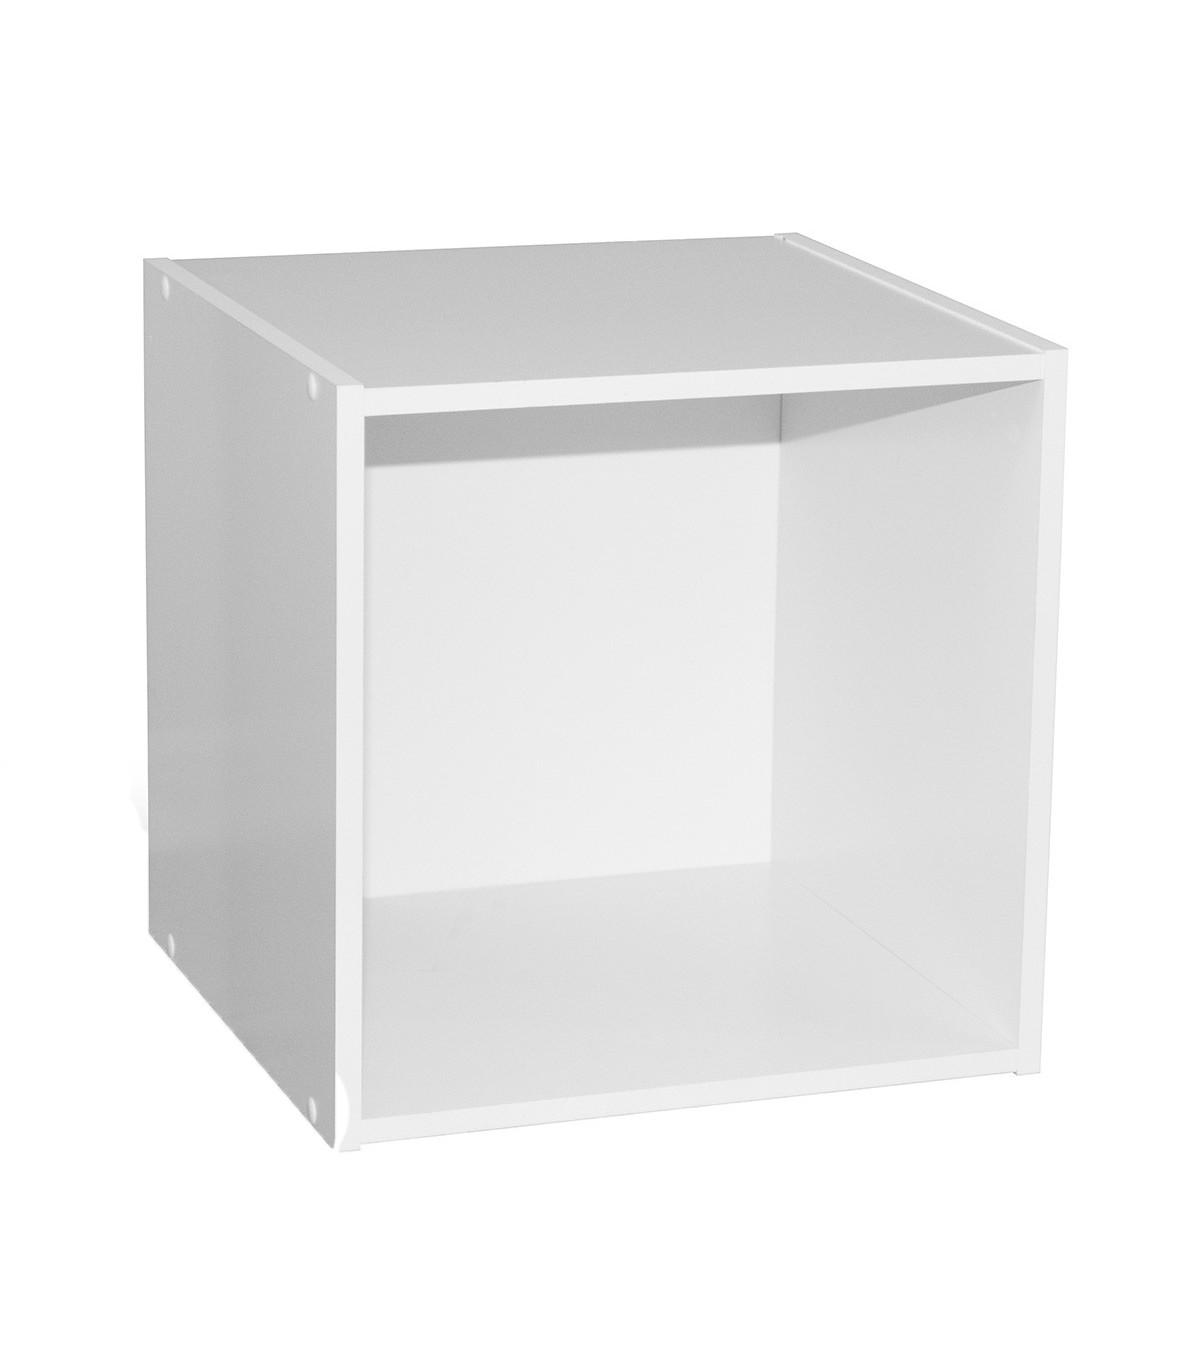 Meuble une case 35.1 x 34.9 x 33.7 - Blanc